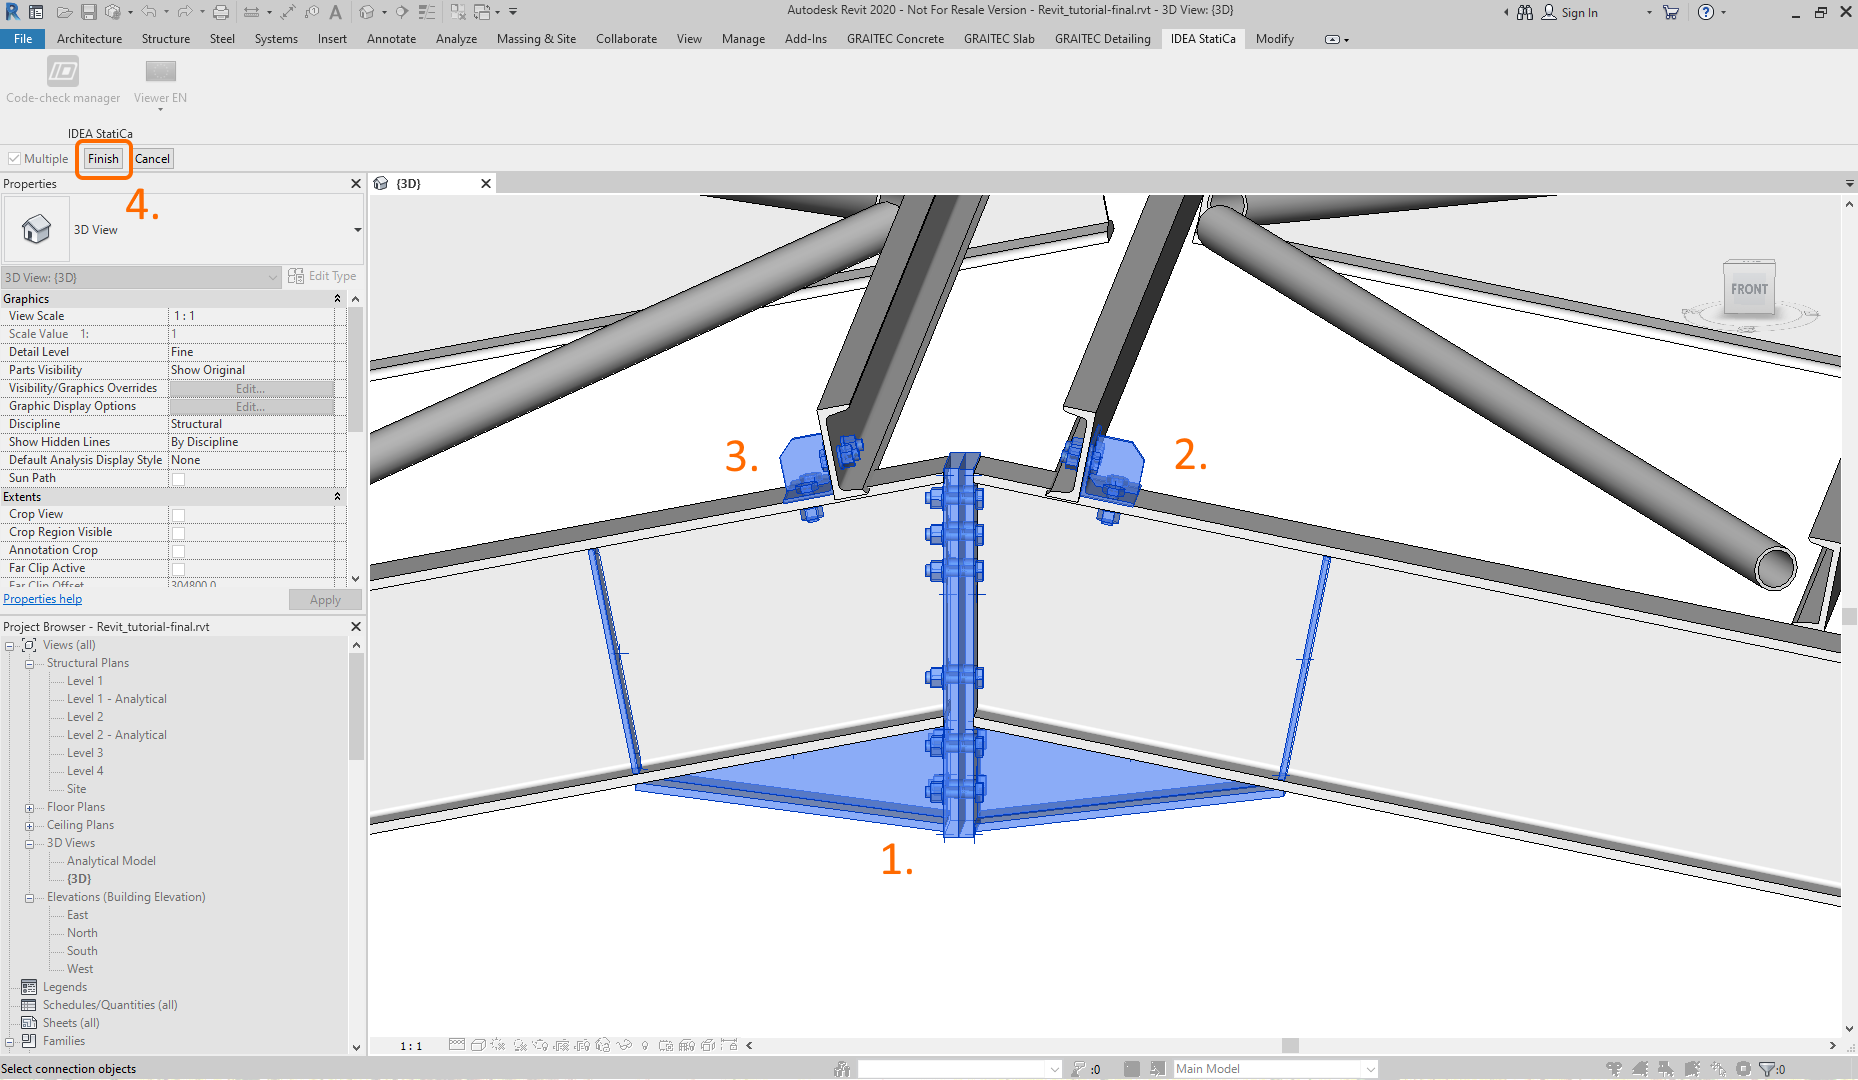 IDEA StatiCa Viewer for Autodesk Revit